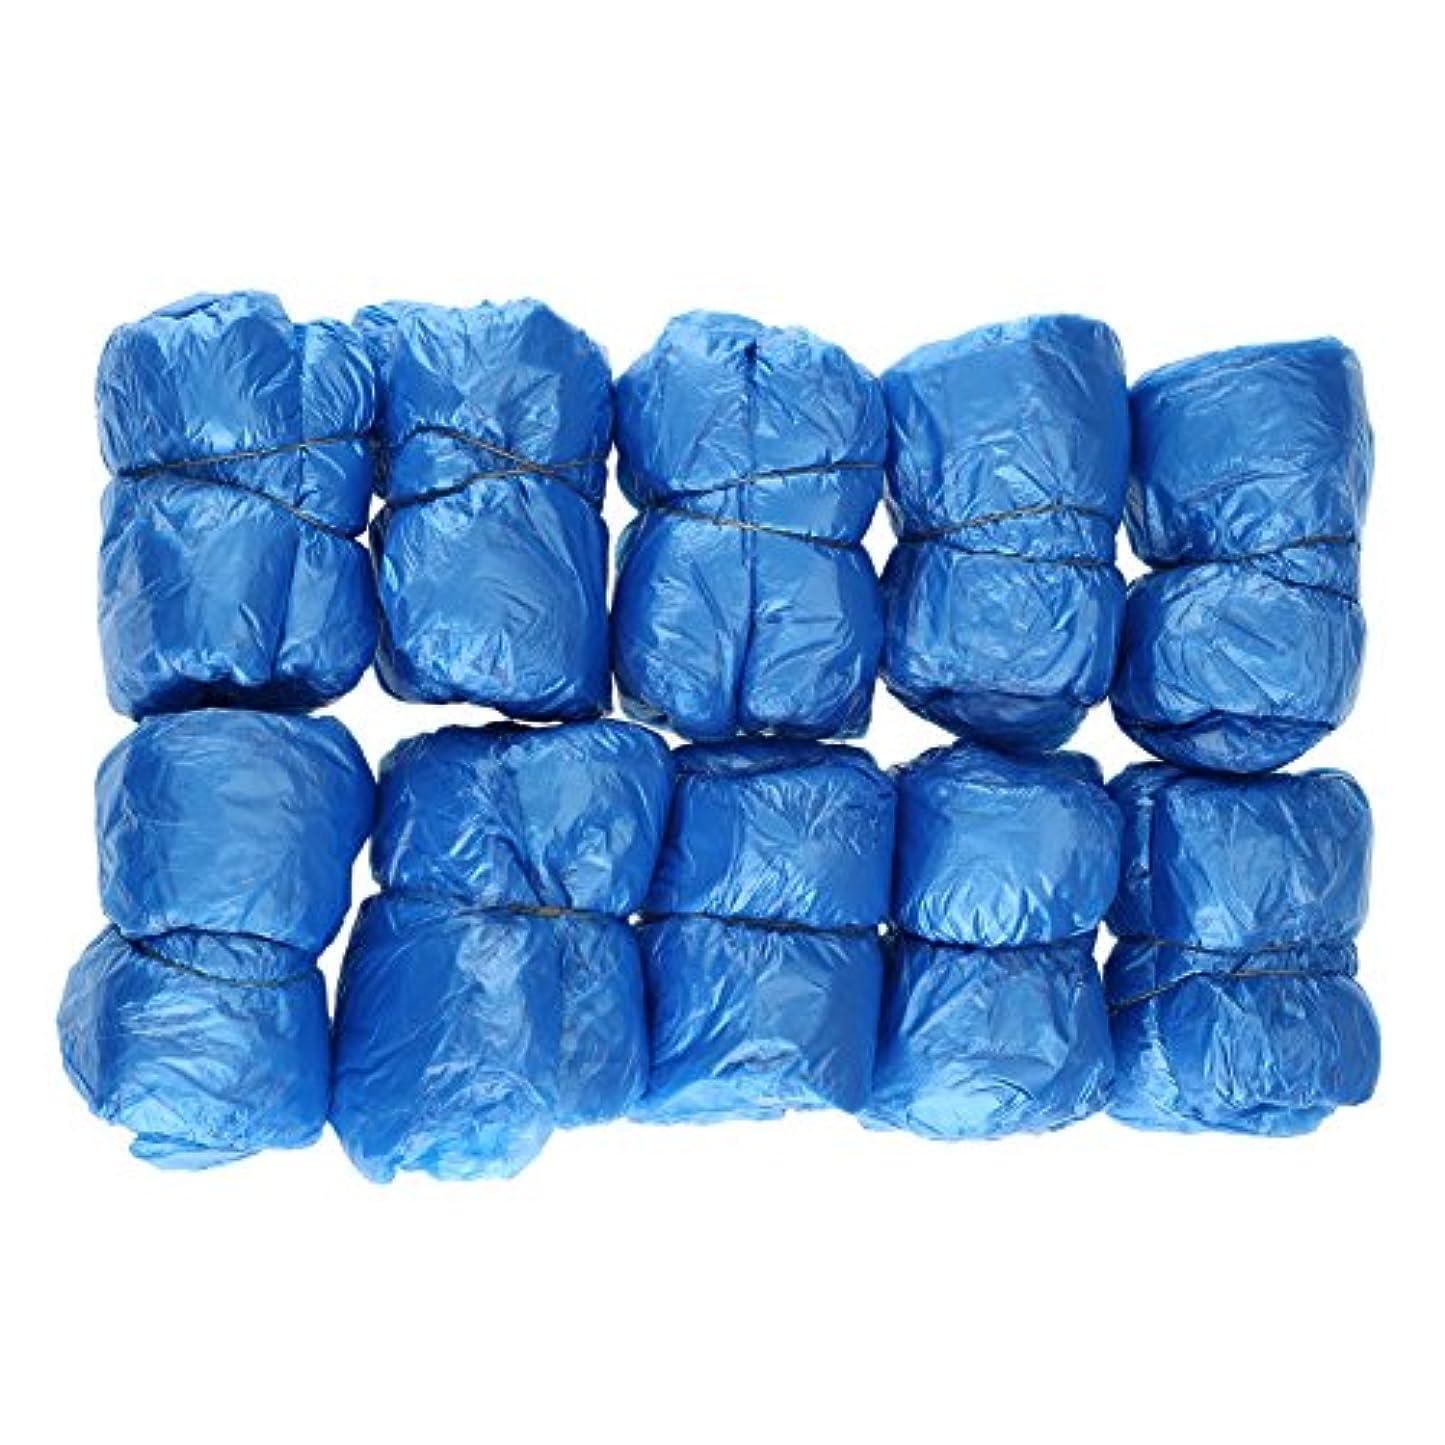 コピー見えない壊れた100枚入 使い捨て靴カバー シューズカバー 靴カバー サイズフリー簡単 便利 衛生 家庭用品 ブルー